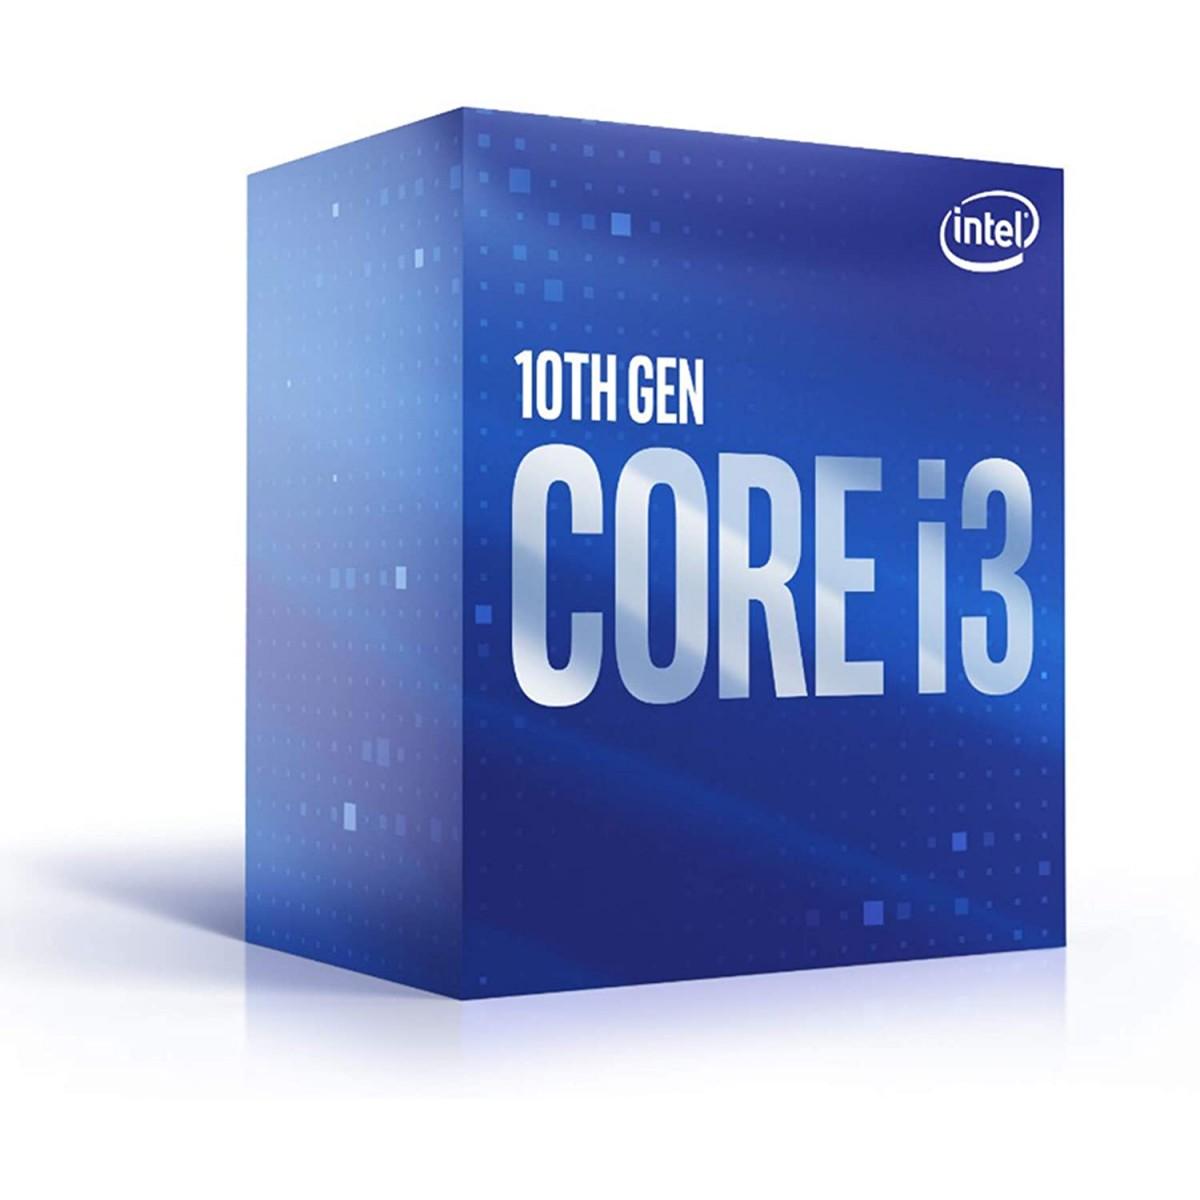 Kit Upgrade Biostar NVIDIA GeForce GT 710 2GB + Intel Core i3 10105F + Geil Evo Potenza 8GB 3000MHz